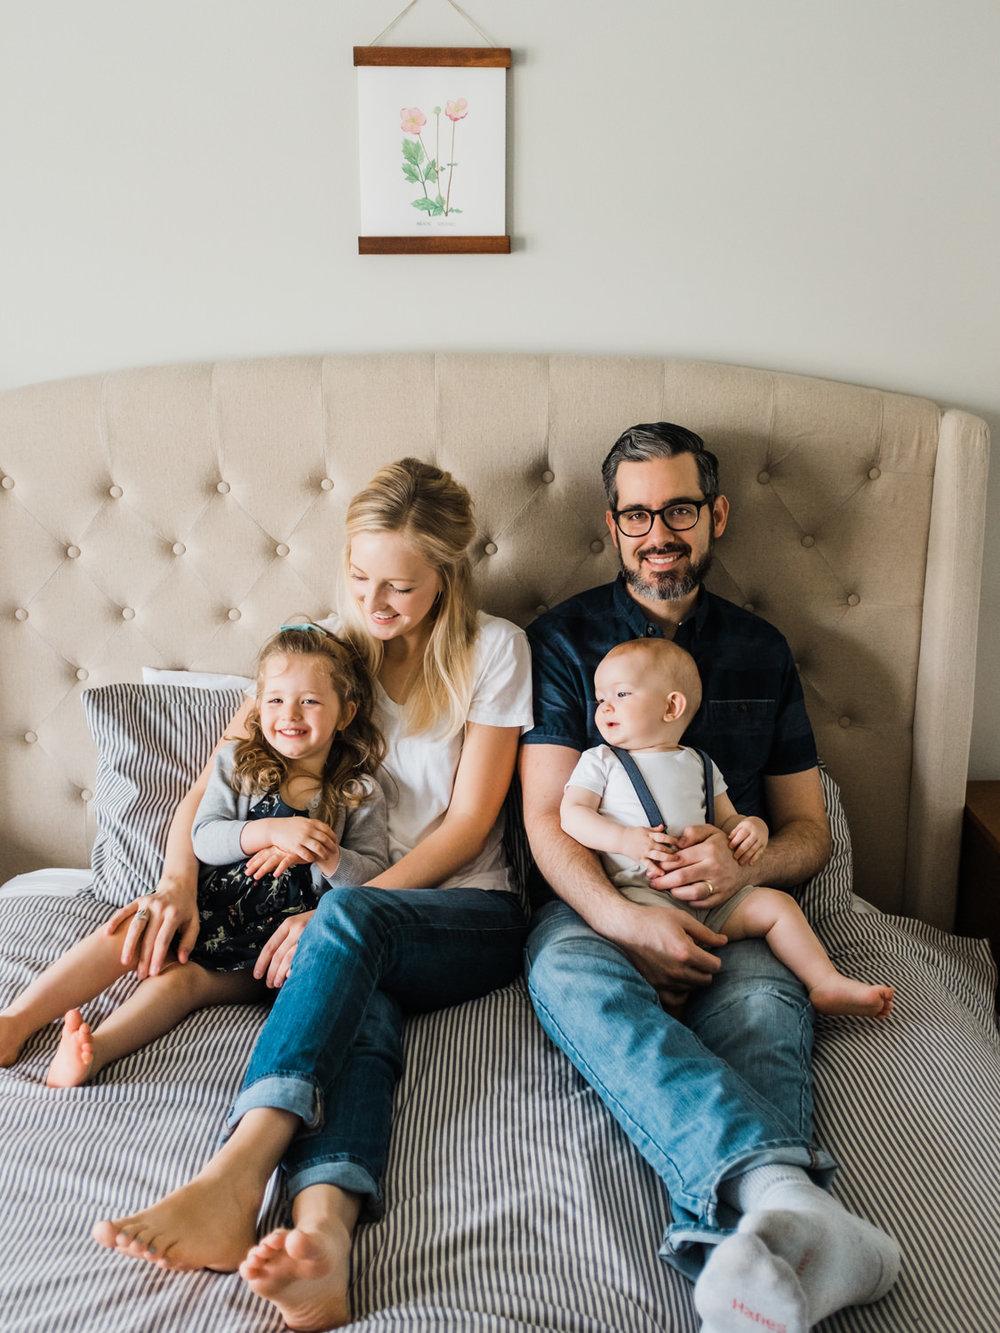 Wichita, Kansas Family Session-Lifestyle Family Session-In Home Family Session-Neal Dieker-Wichita, Kansas Photographer-103.jpg